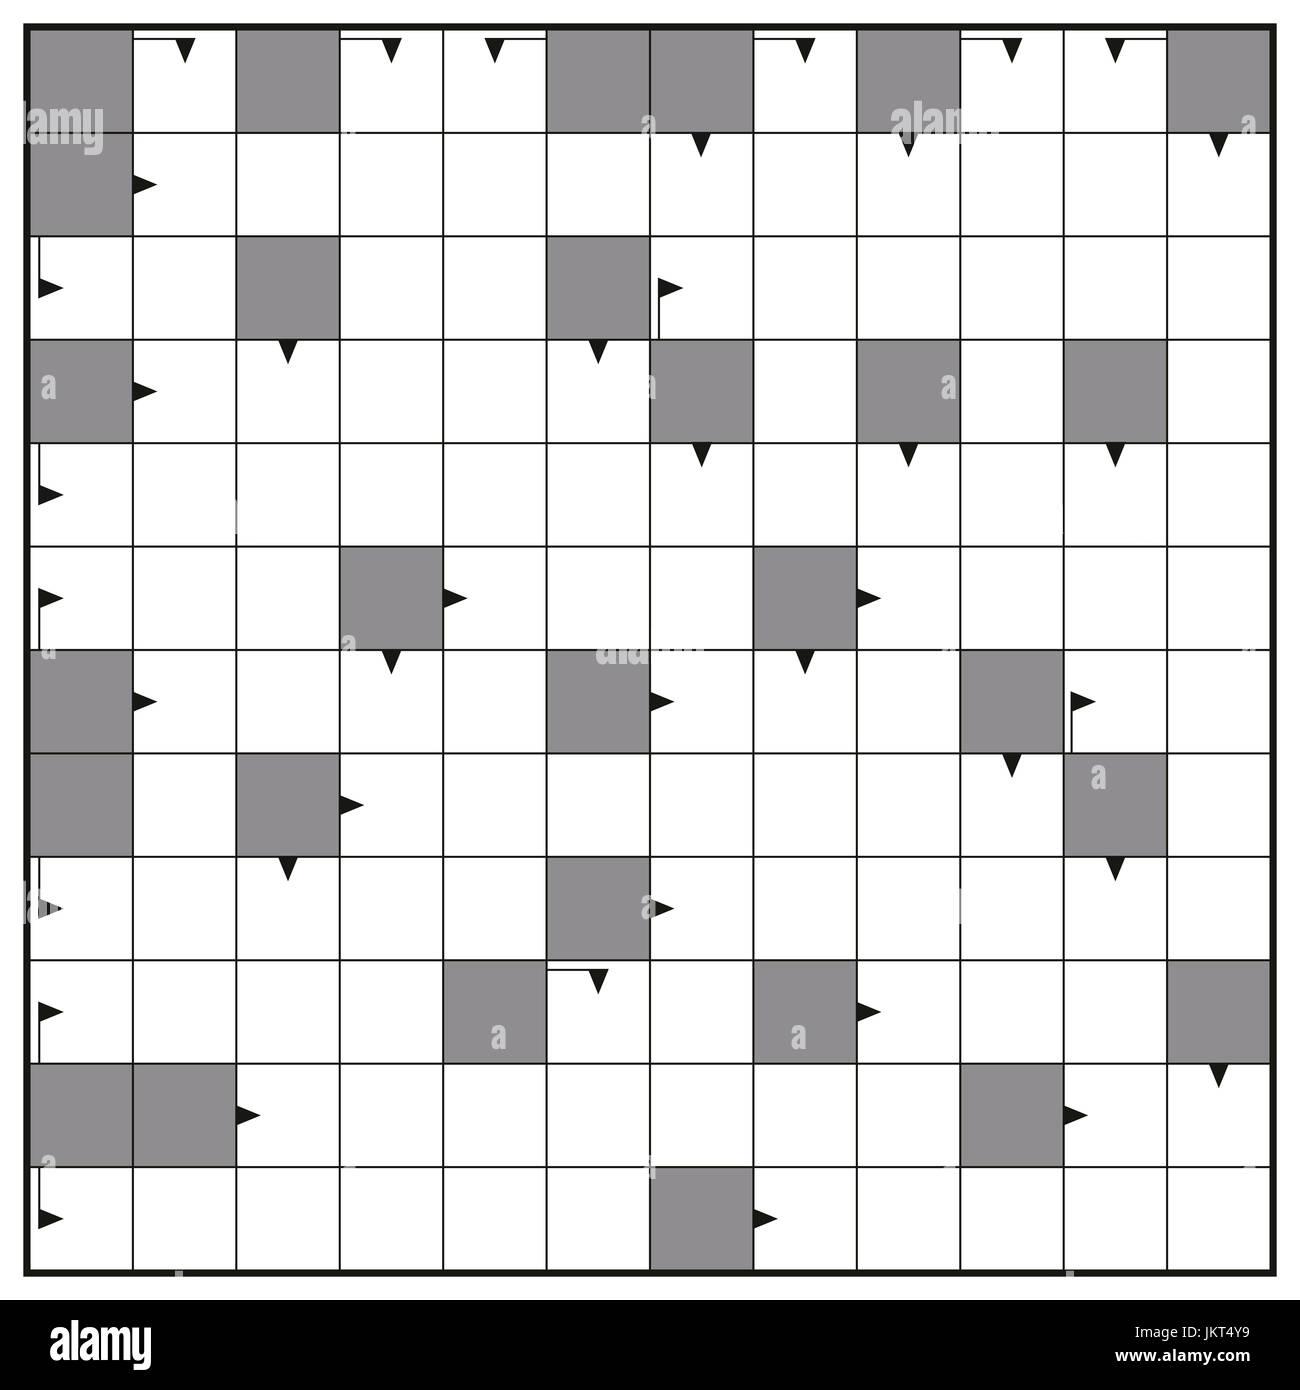 kreuzwortrtsel leere crossword puzzle muster quadratisches formatvorlage einfgen alle wrter mit ein bis zwlf buchstaben fr eine klare botschaft - Puzzle Muster